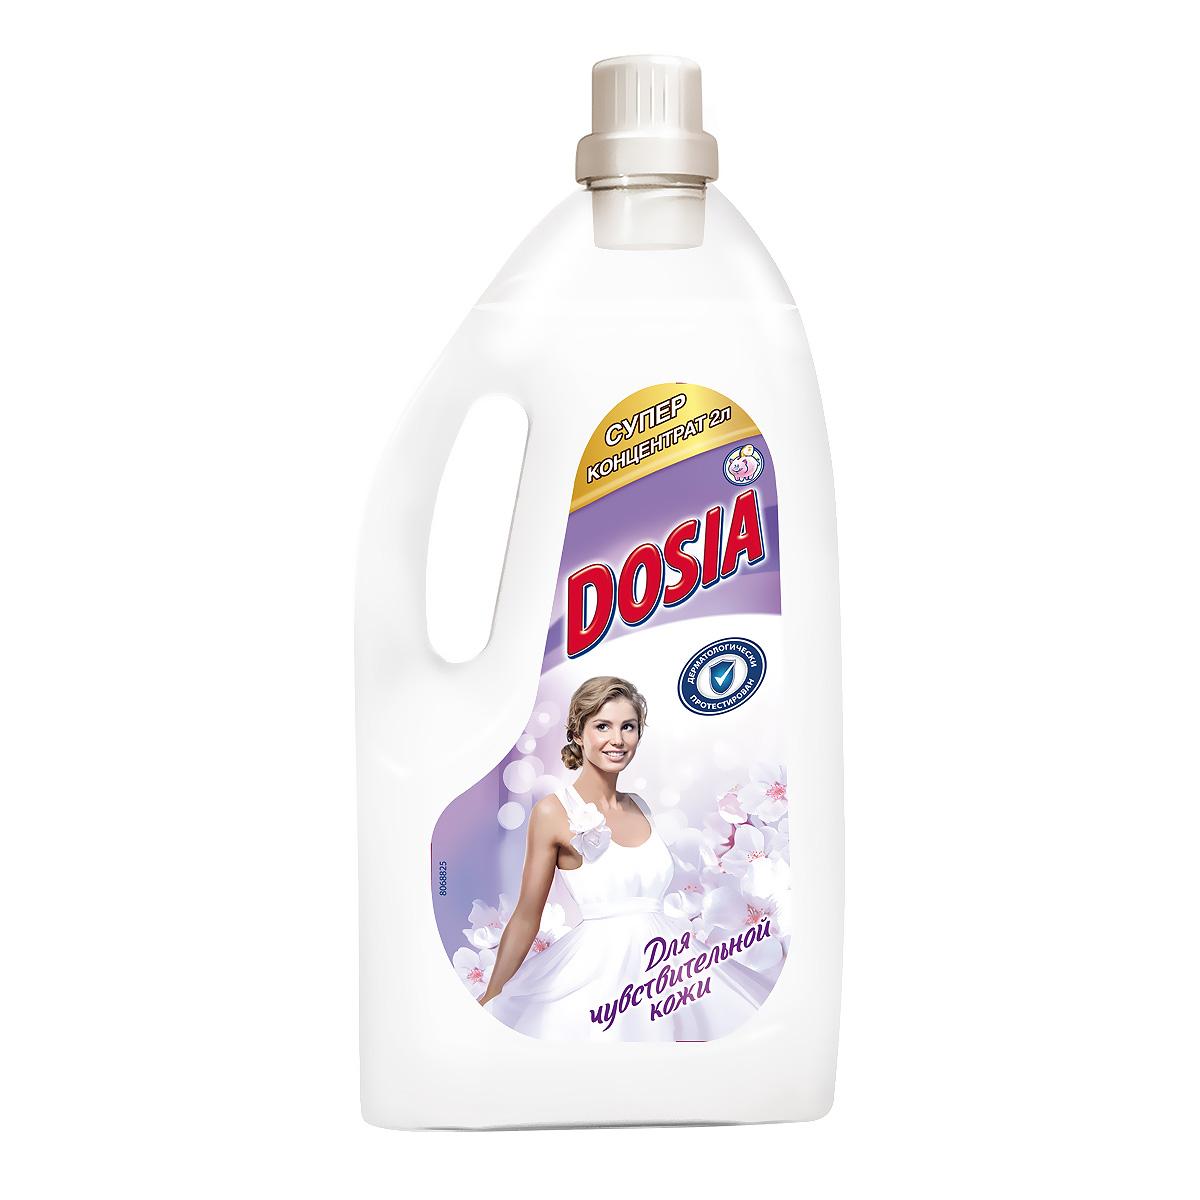 Ополаскиватель для белья Dosia, для чувствительной кожи, концентрированный, 2 л38673Концентрированный ополаскиватель для белья Dosia идеально подходит для всех типов тканей. Он придает белью мягкость и свежий аромат. Обладает антистатическим свойством, облегчает глажение. Ополаскиватель отлично подойдет для использования людям с чувствительной кожей. Характеристики: Объем: 2 л. Производитель: Россия. Товар сертифицирован.